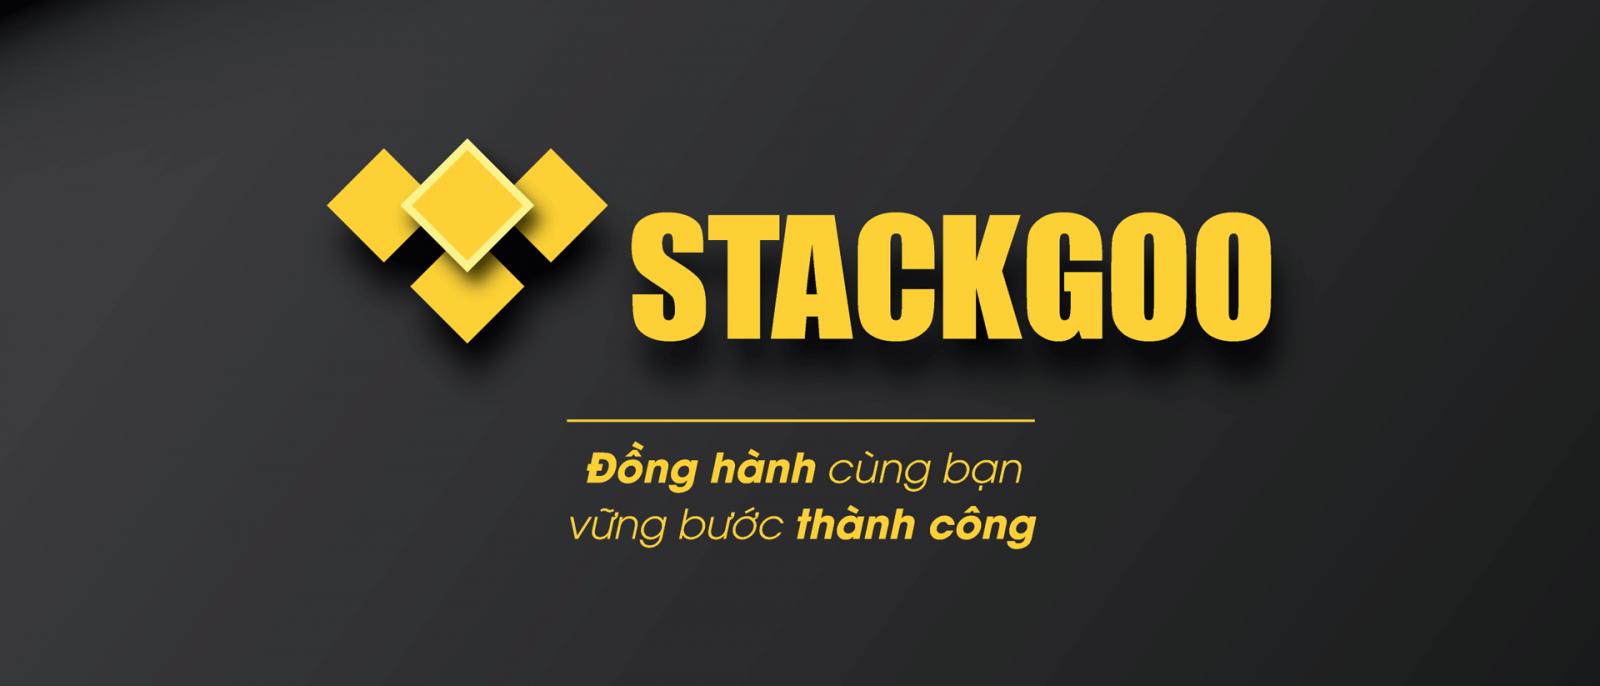 Công ty hàng đầu Việt Nam ở lĩnh vực website, phần mềm